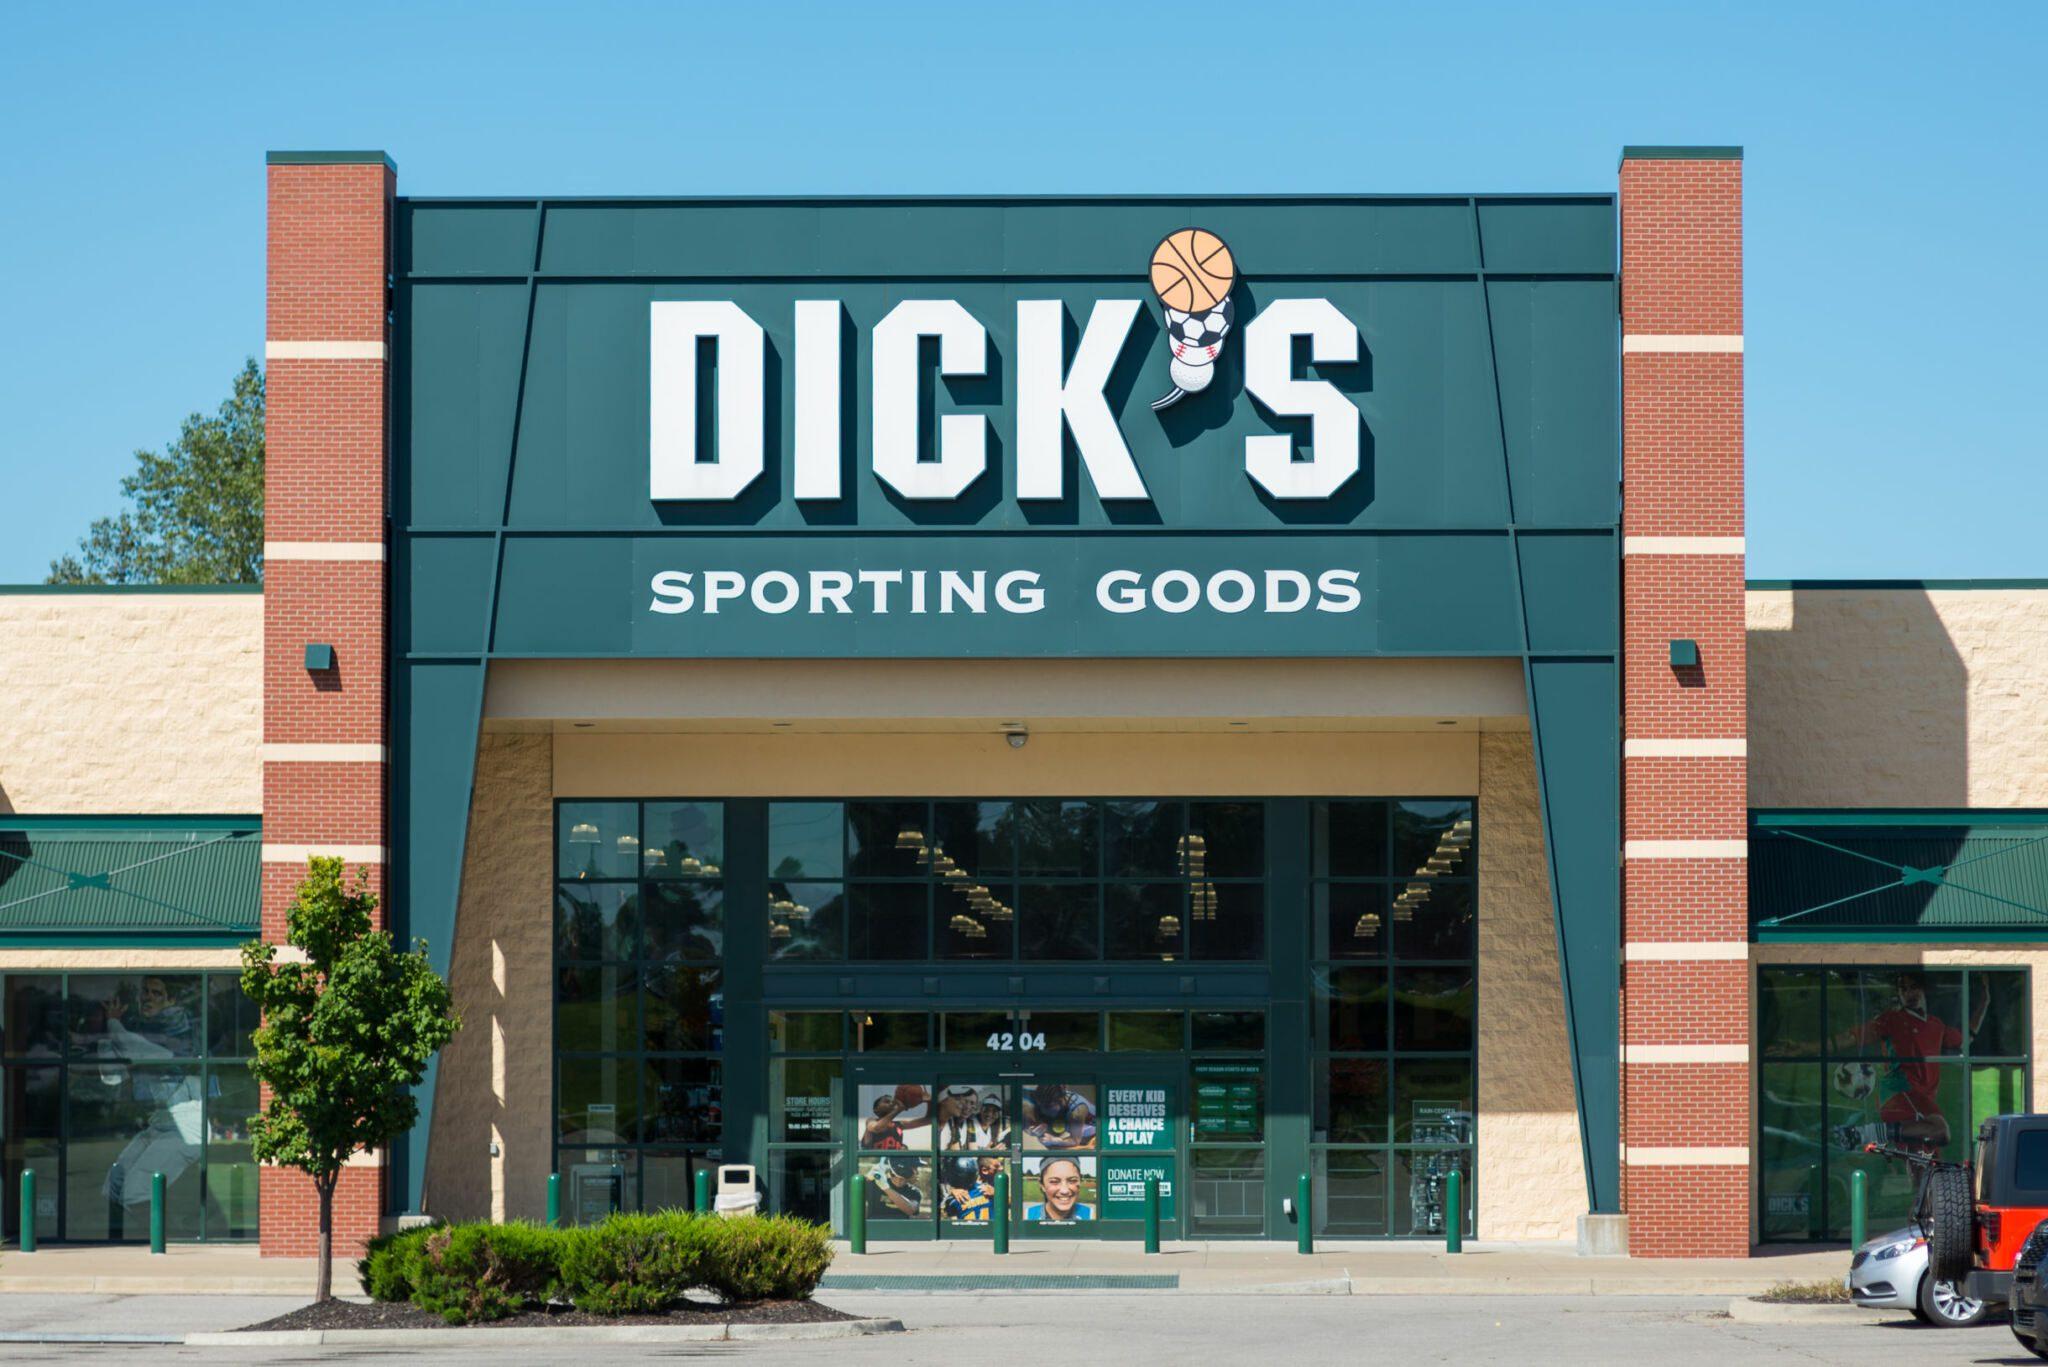 Dicks sporting goods my badge designdicks sporting goodsstore name badge